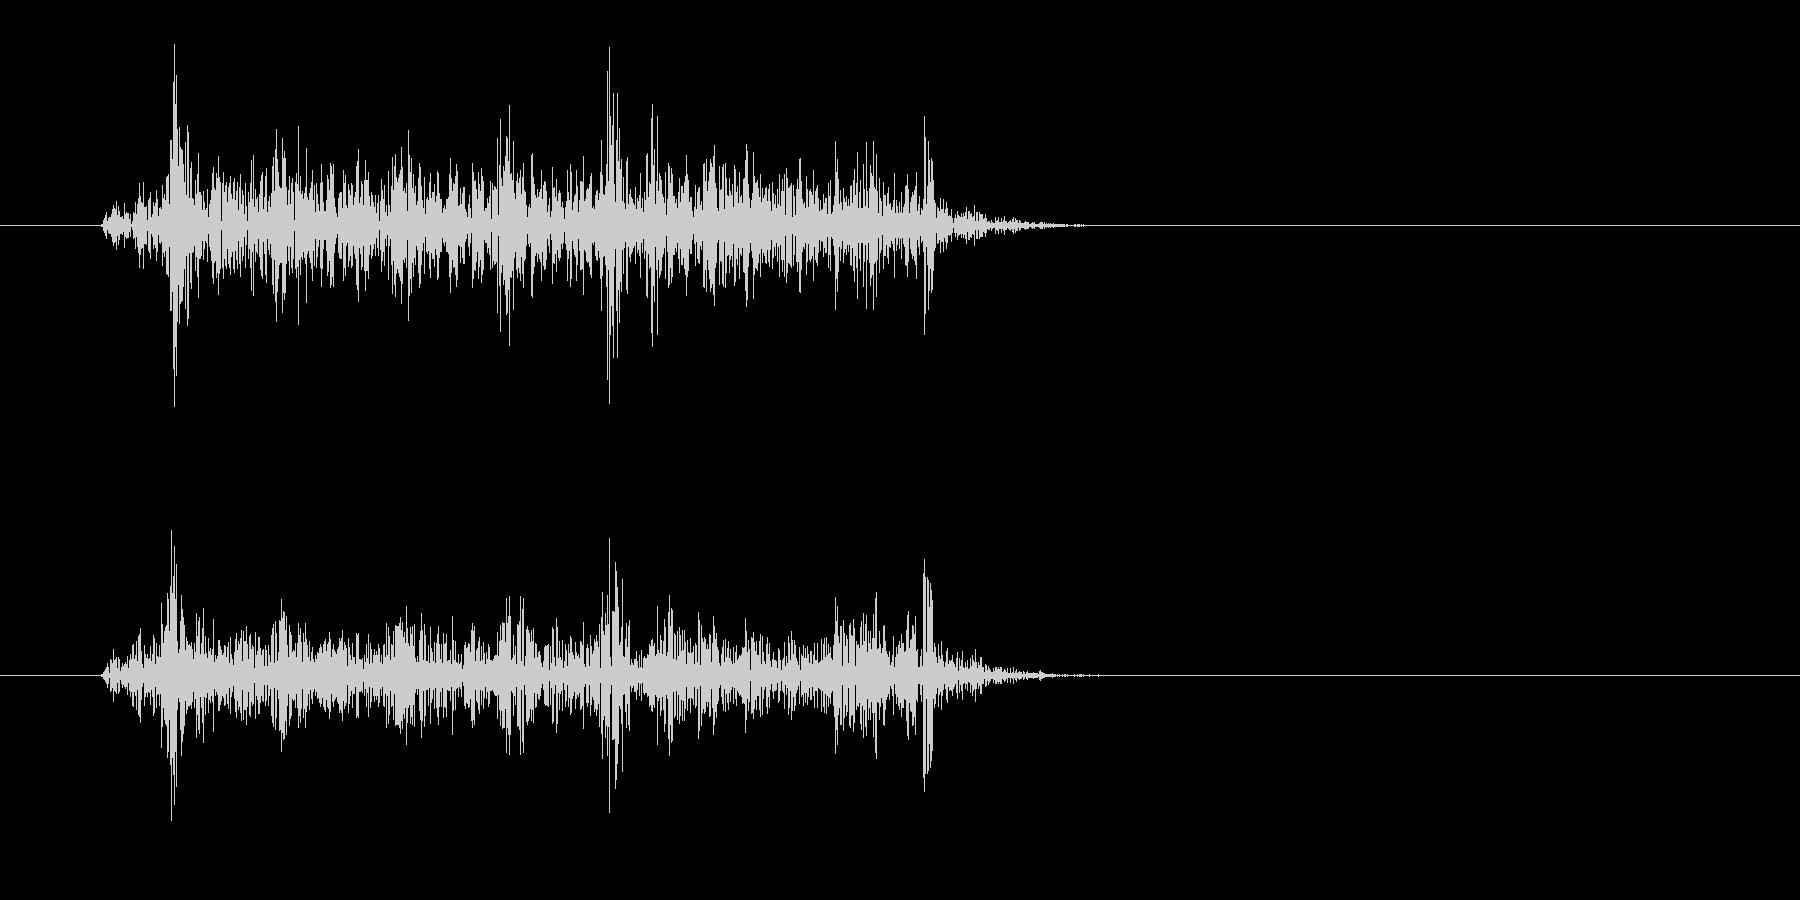 ザッ(摩擦の音)短めの未再生の波形